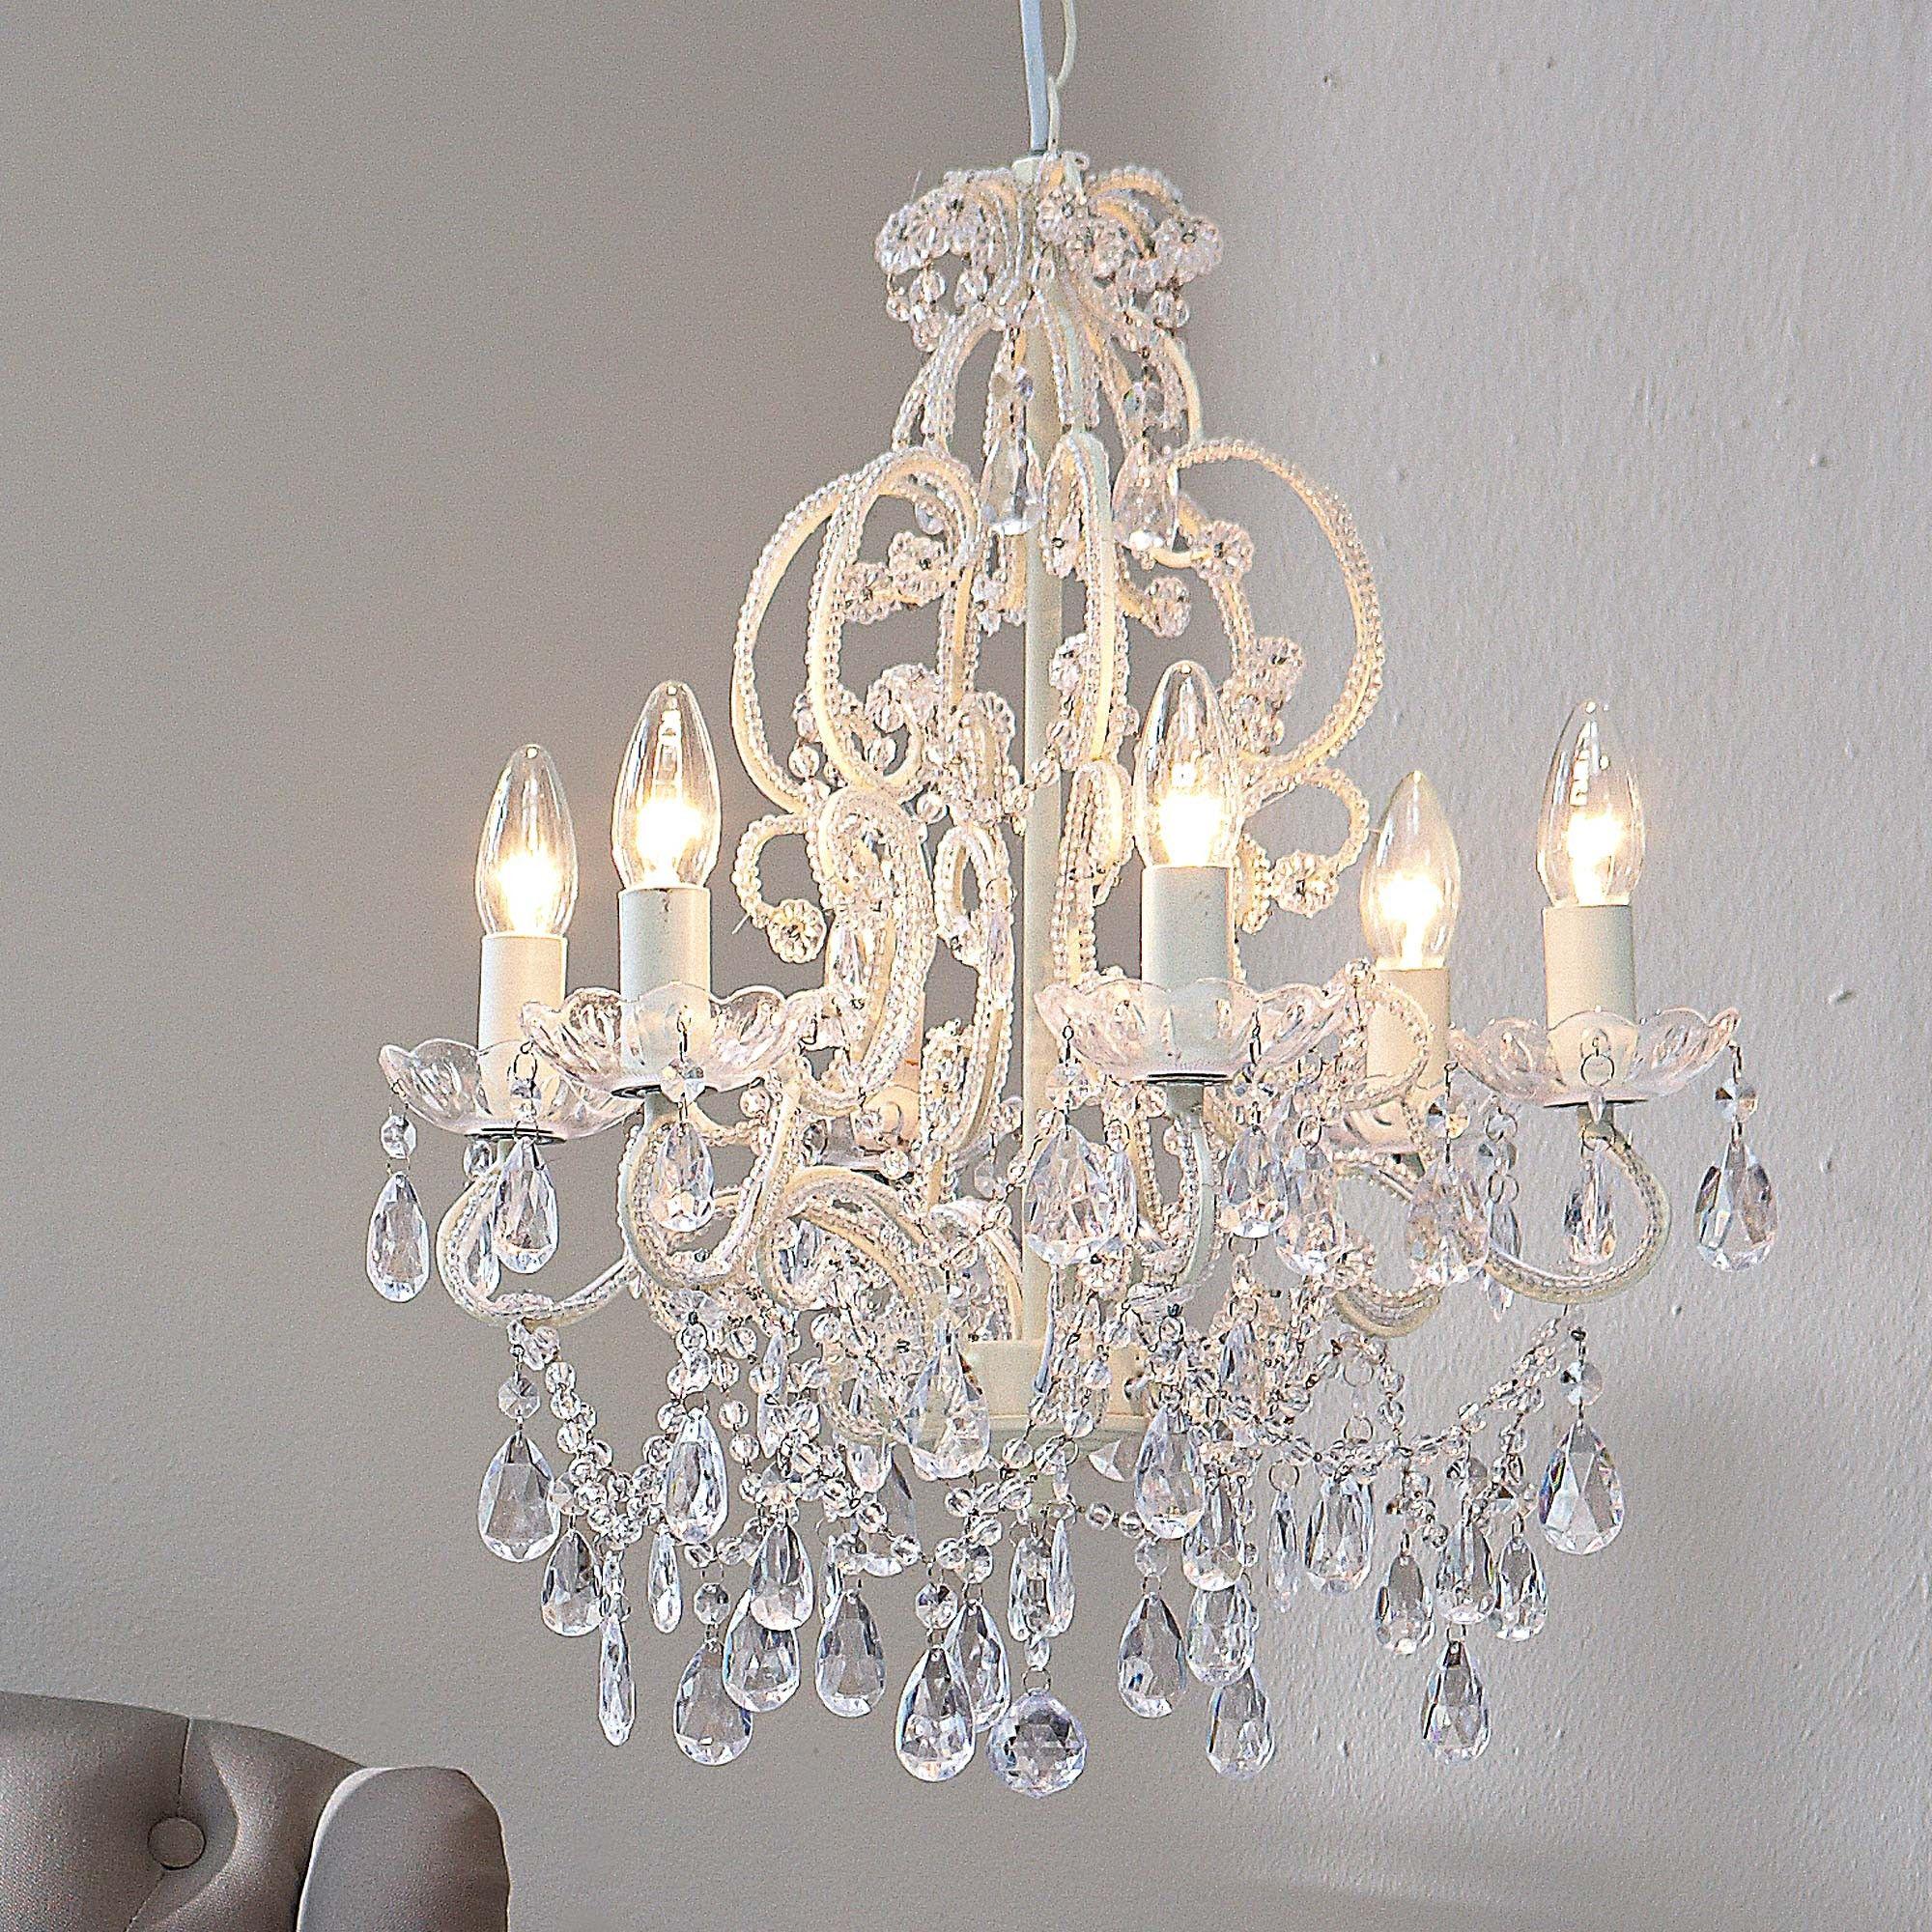 Schlafzimmer Lampe Weiss #24: Kronleuchter, Kronleuchter Weiss, Landhaus Lampen. Landhaus  LampenSchlafzimmer ...